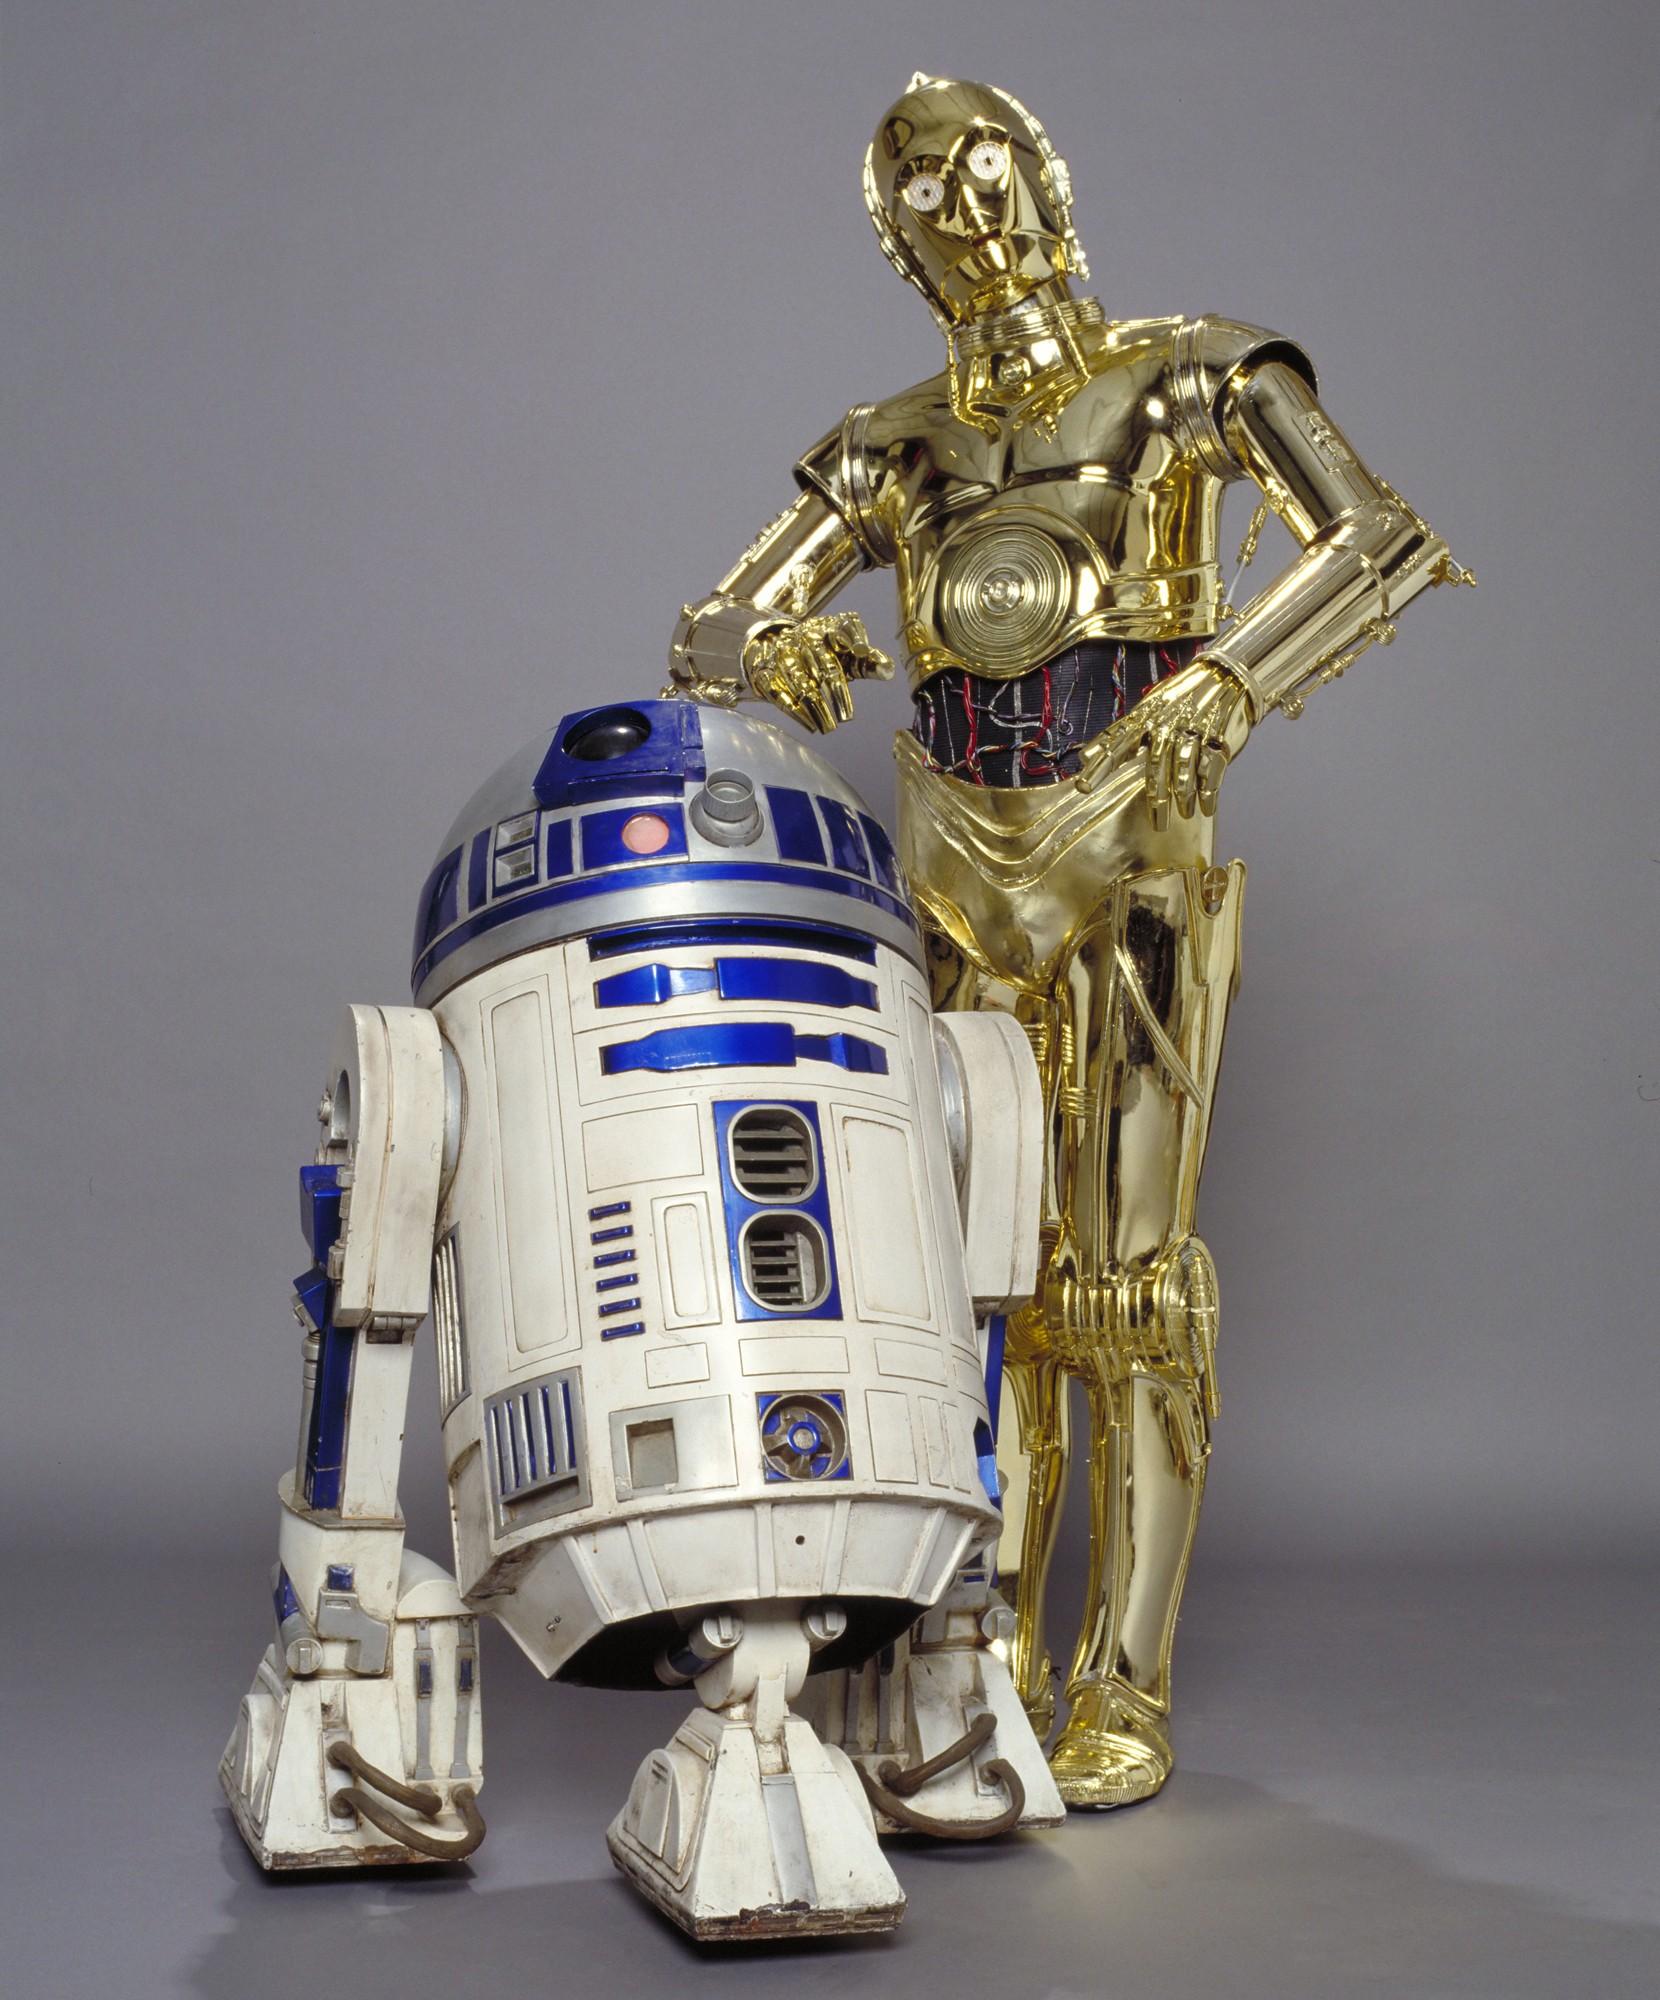 R2D2andC3PO